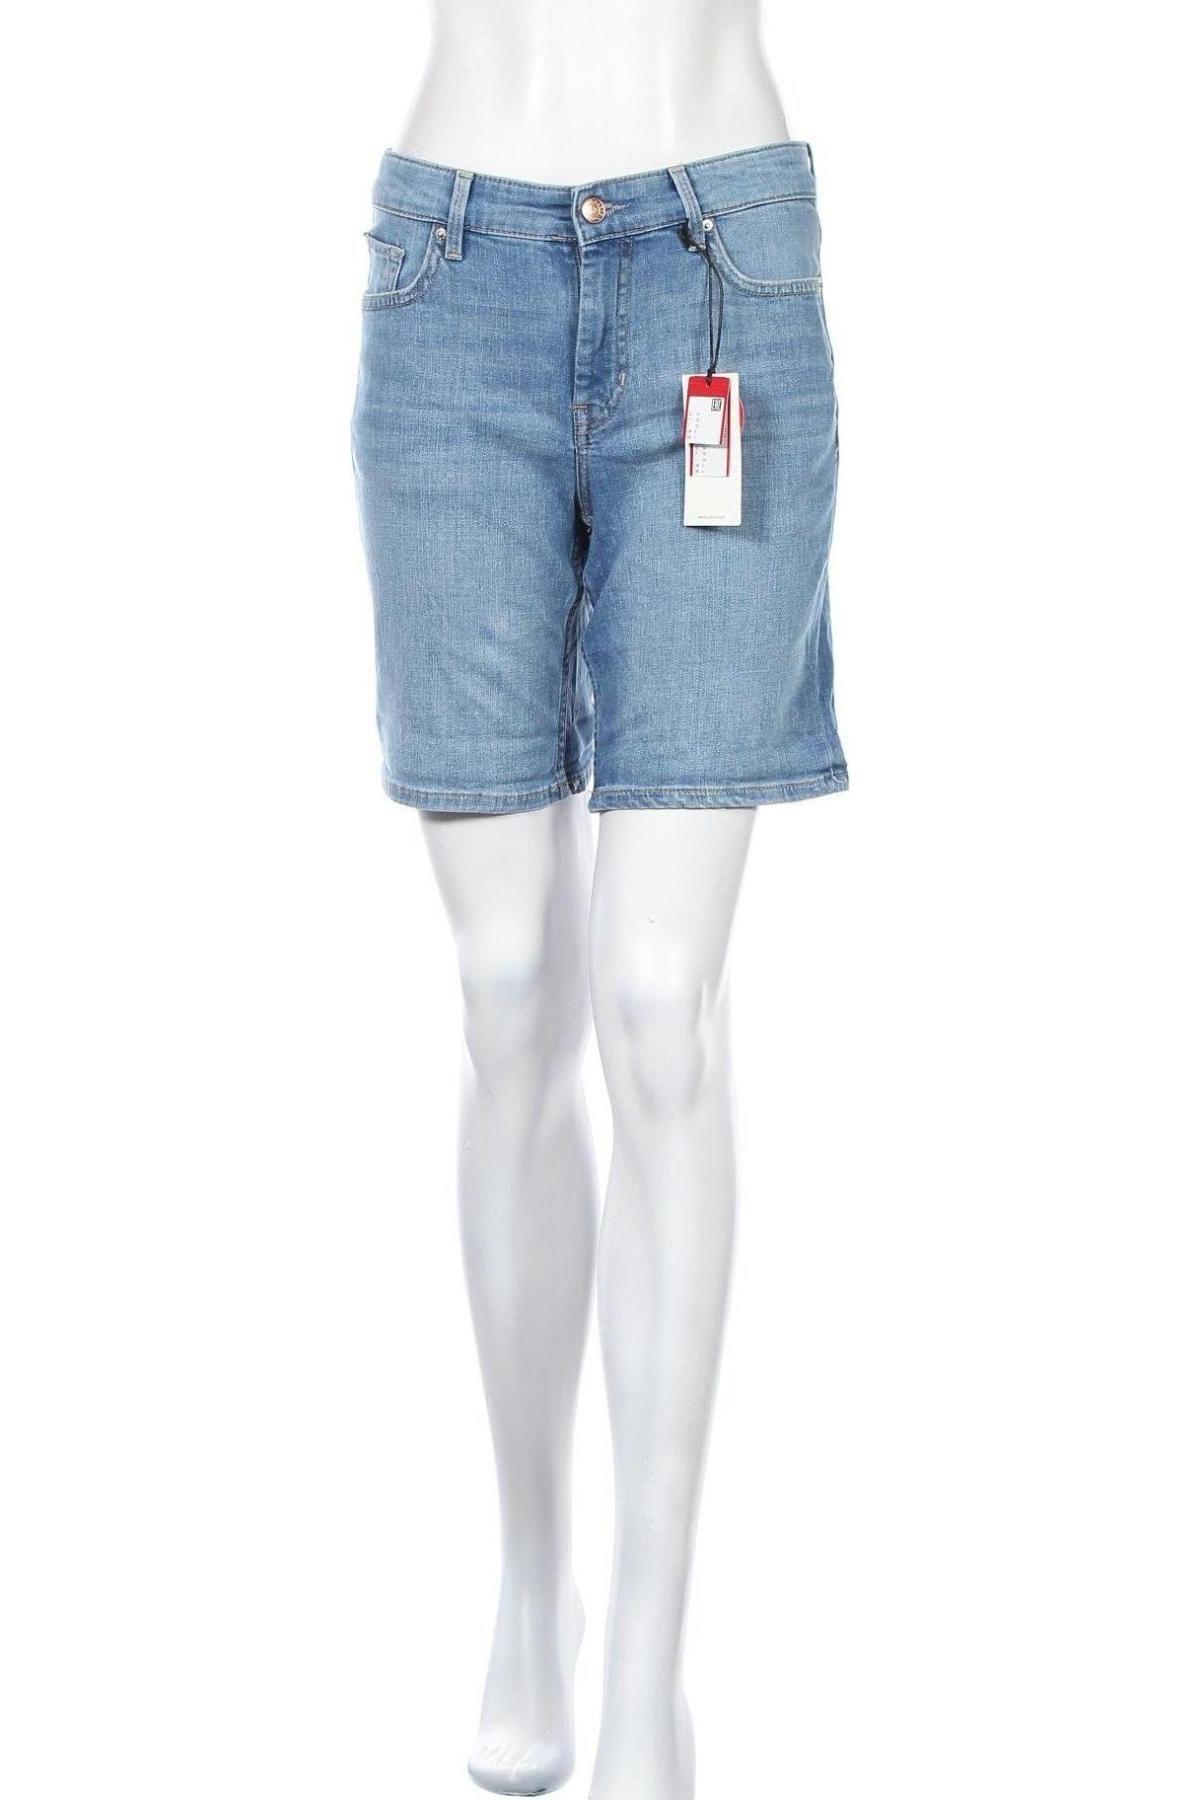 Γυναικείο κοντό παντελόνι S.Oliver, Μέγεθος S, Χρώμα Μπλέ, 85% βαμβάκι, 14% πολυεστέρας, 1% ελαστάνη, Τιμή 24,19€